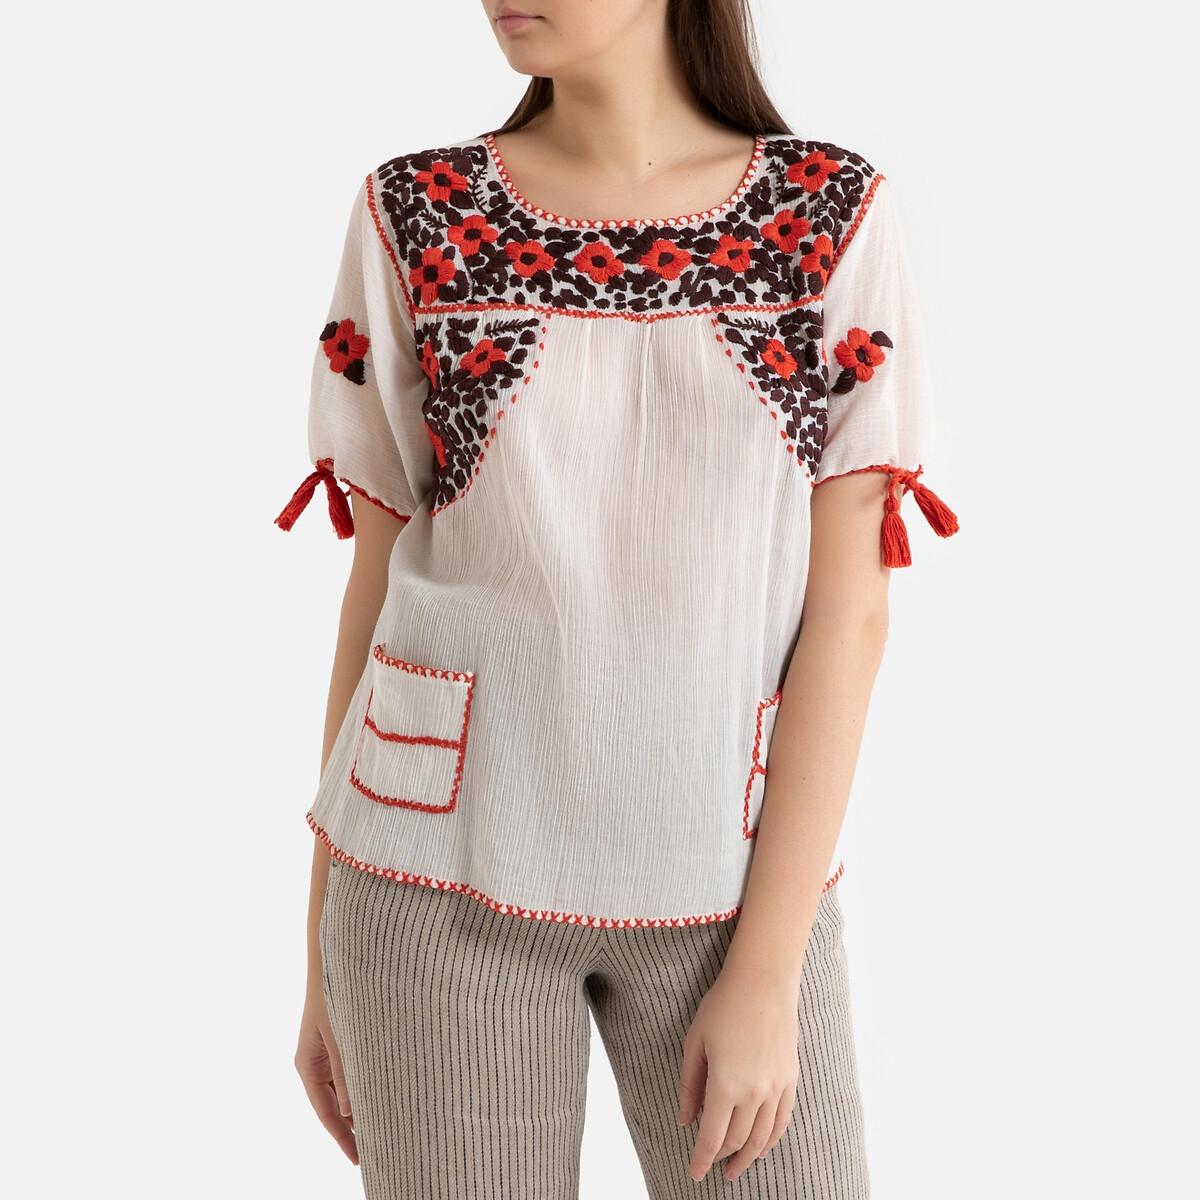 цена на Блузка La Redoute С вышивкой короткие рукава PAOLA 40 (FR) - 46 (RUS) бежевый